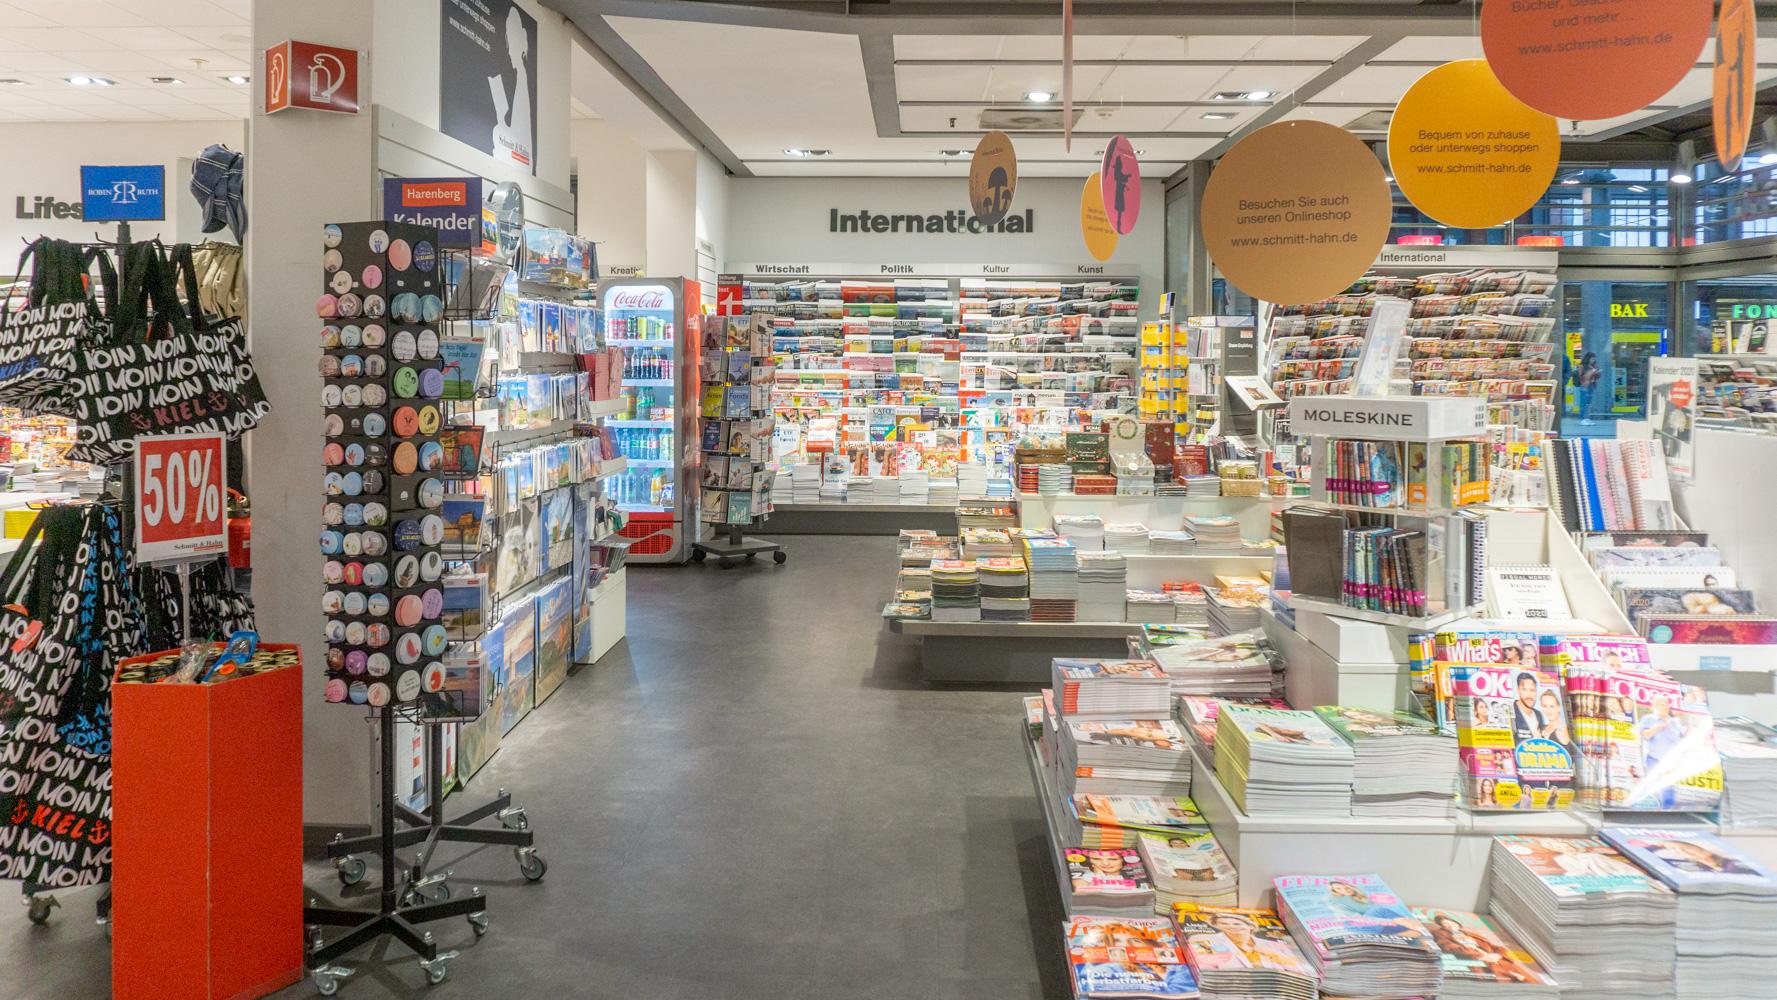 Schmitt & Hahn Buch und Presse im Bahnhof Kiel